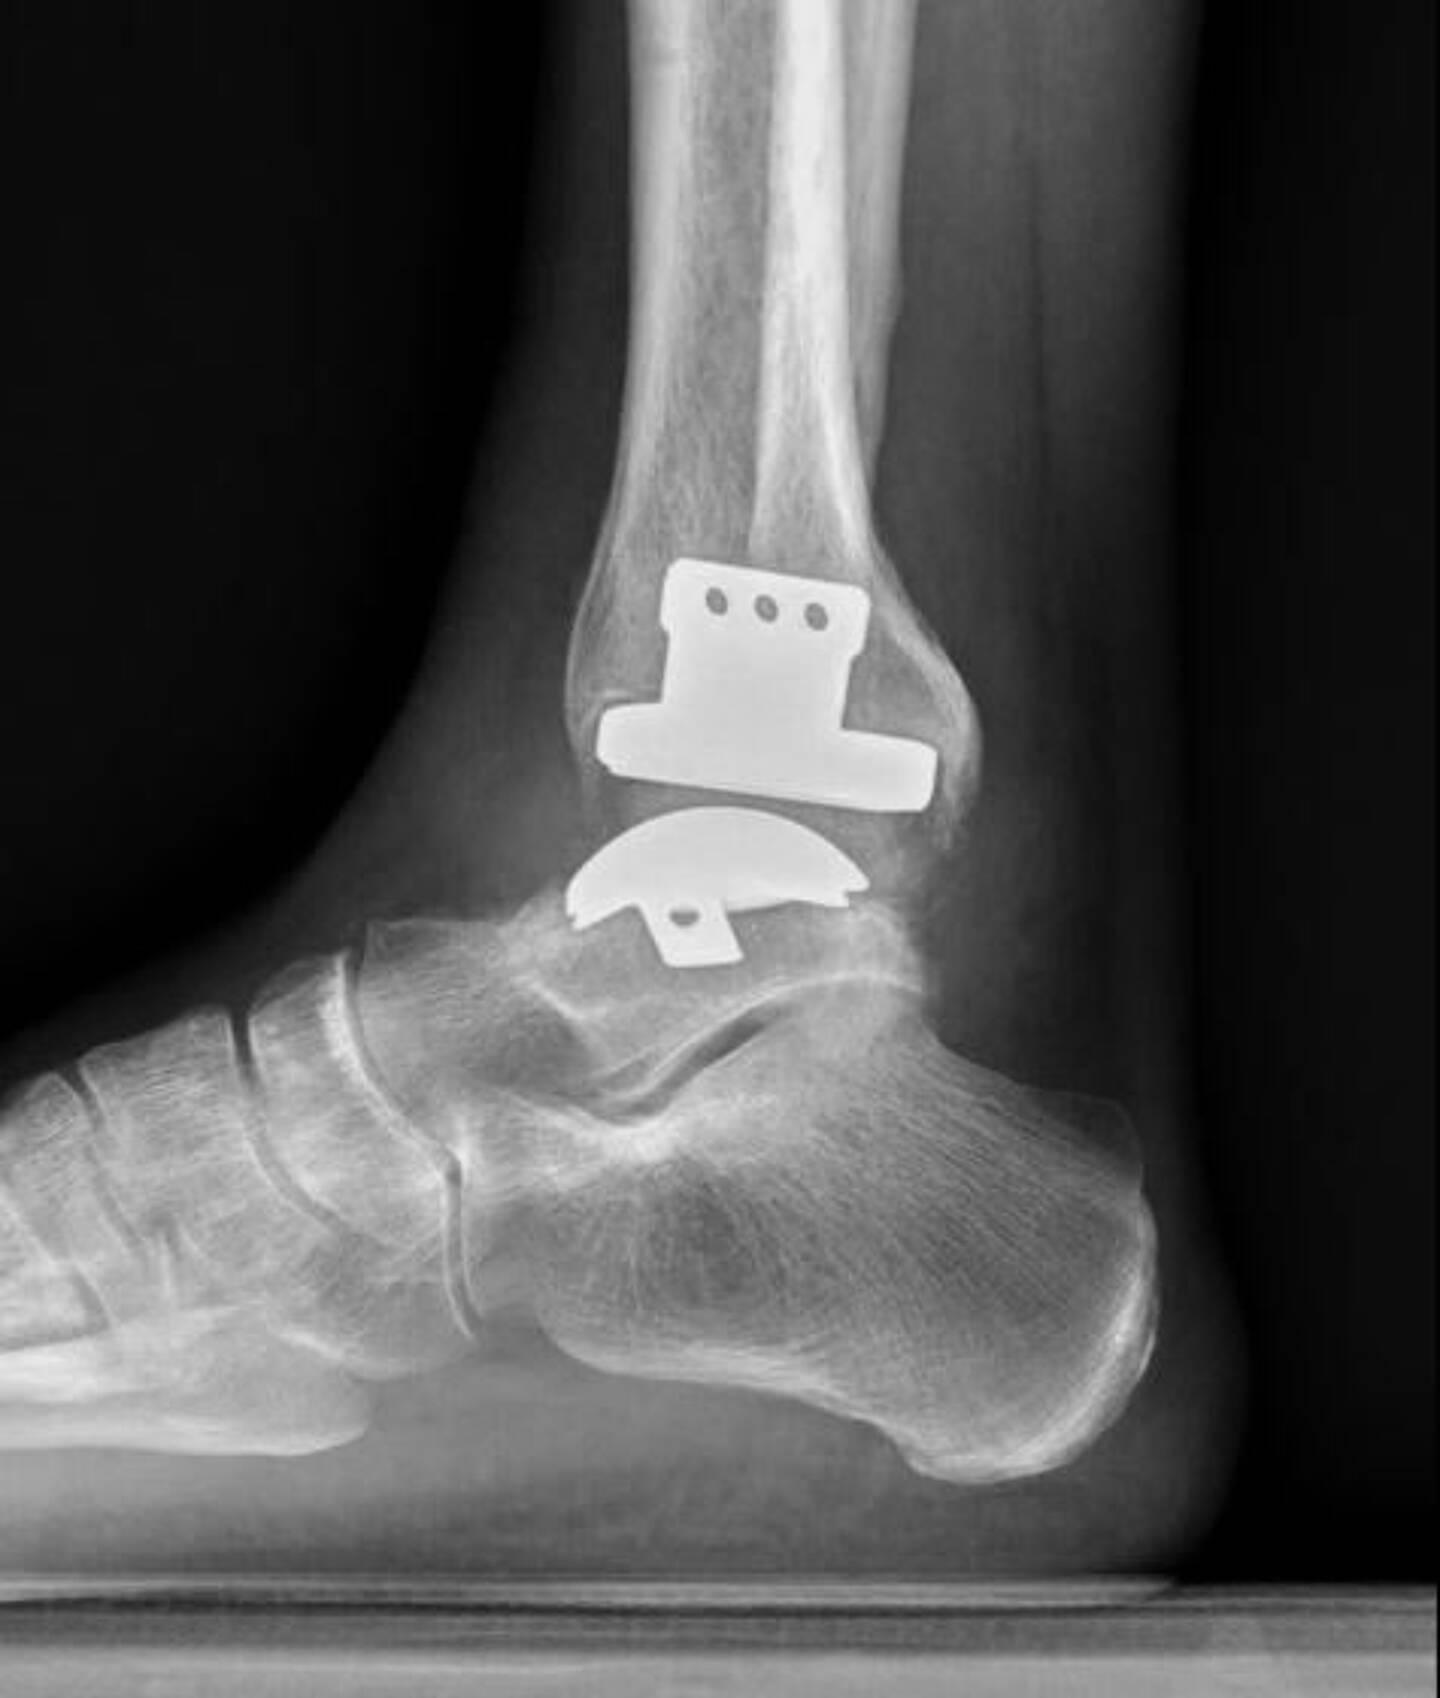 Le choix d'un traitement chirurgical va prendre en compte notamment le mode de vie du patient et ses pratiques sportives. A gauche : une prothèse.